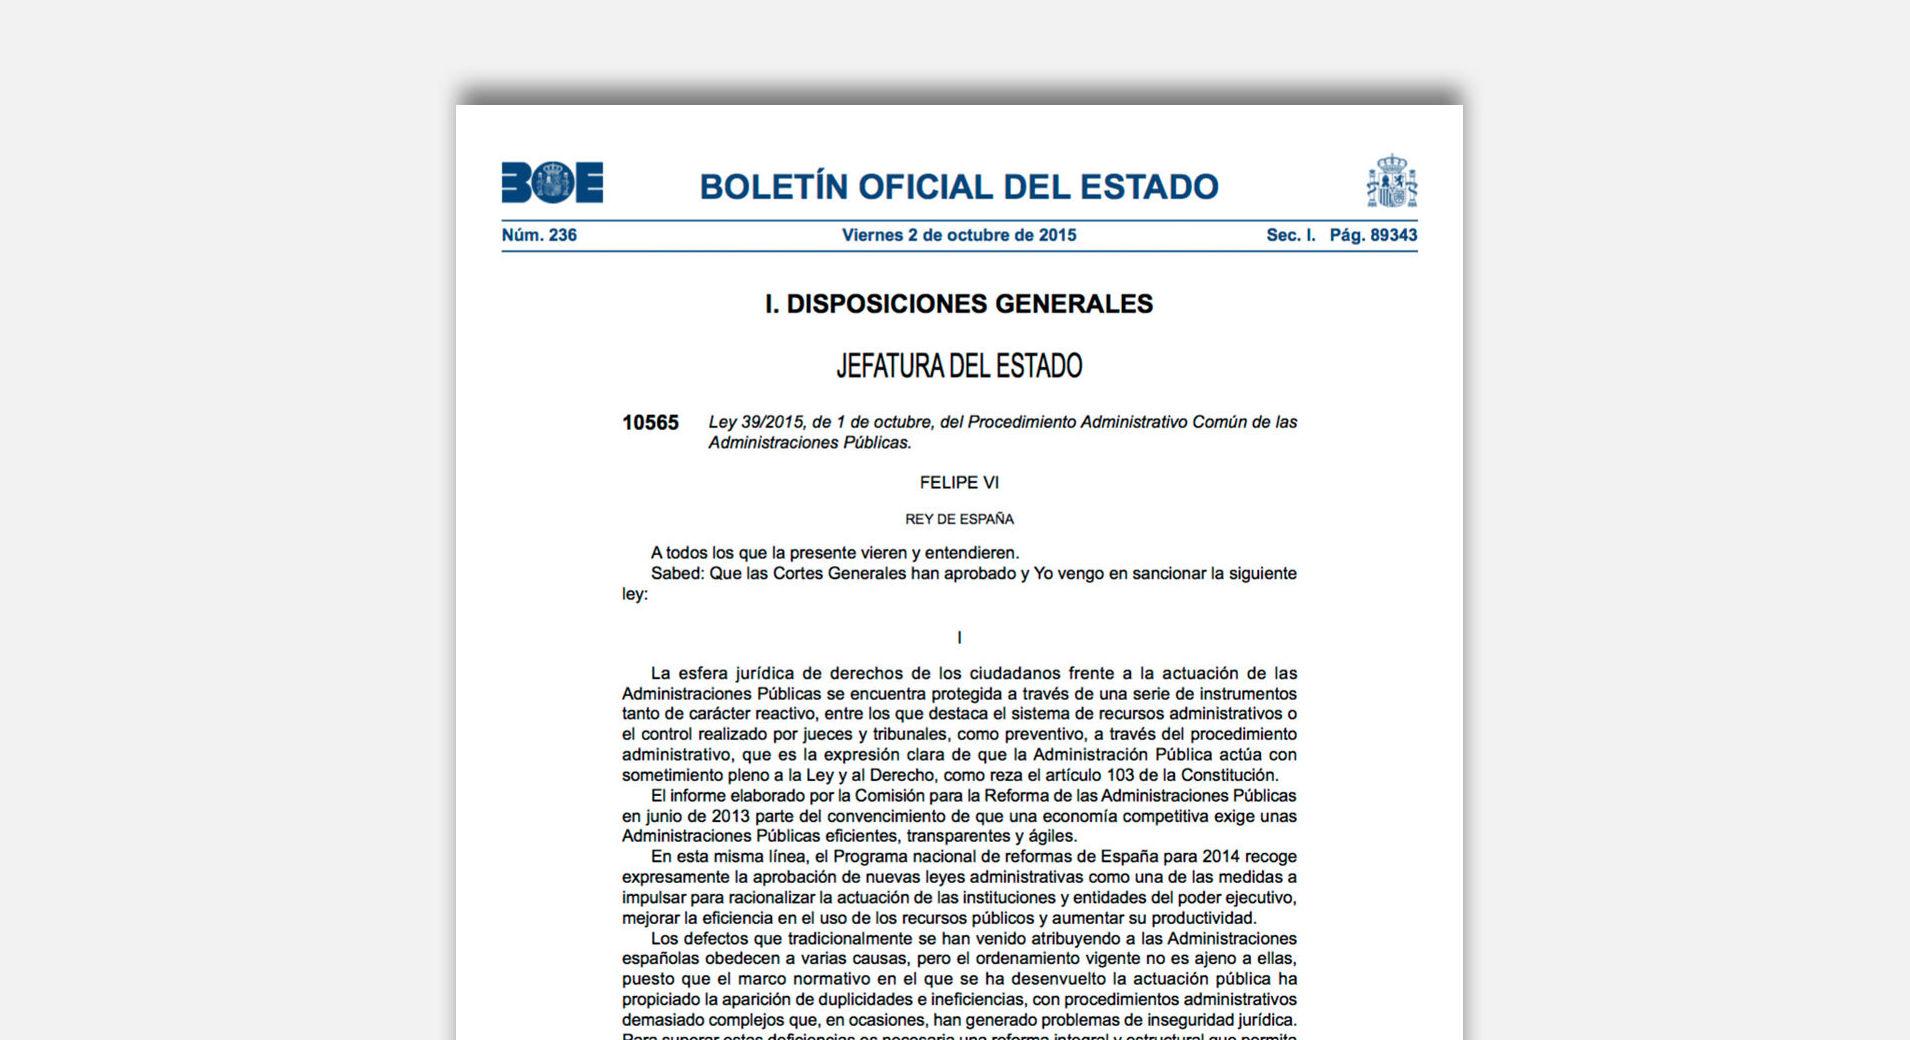 El próximo 2 de octubre entra en vigor la LEY 39/2015, DE 1 DE OCTUBRE,